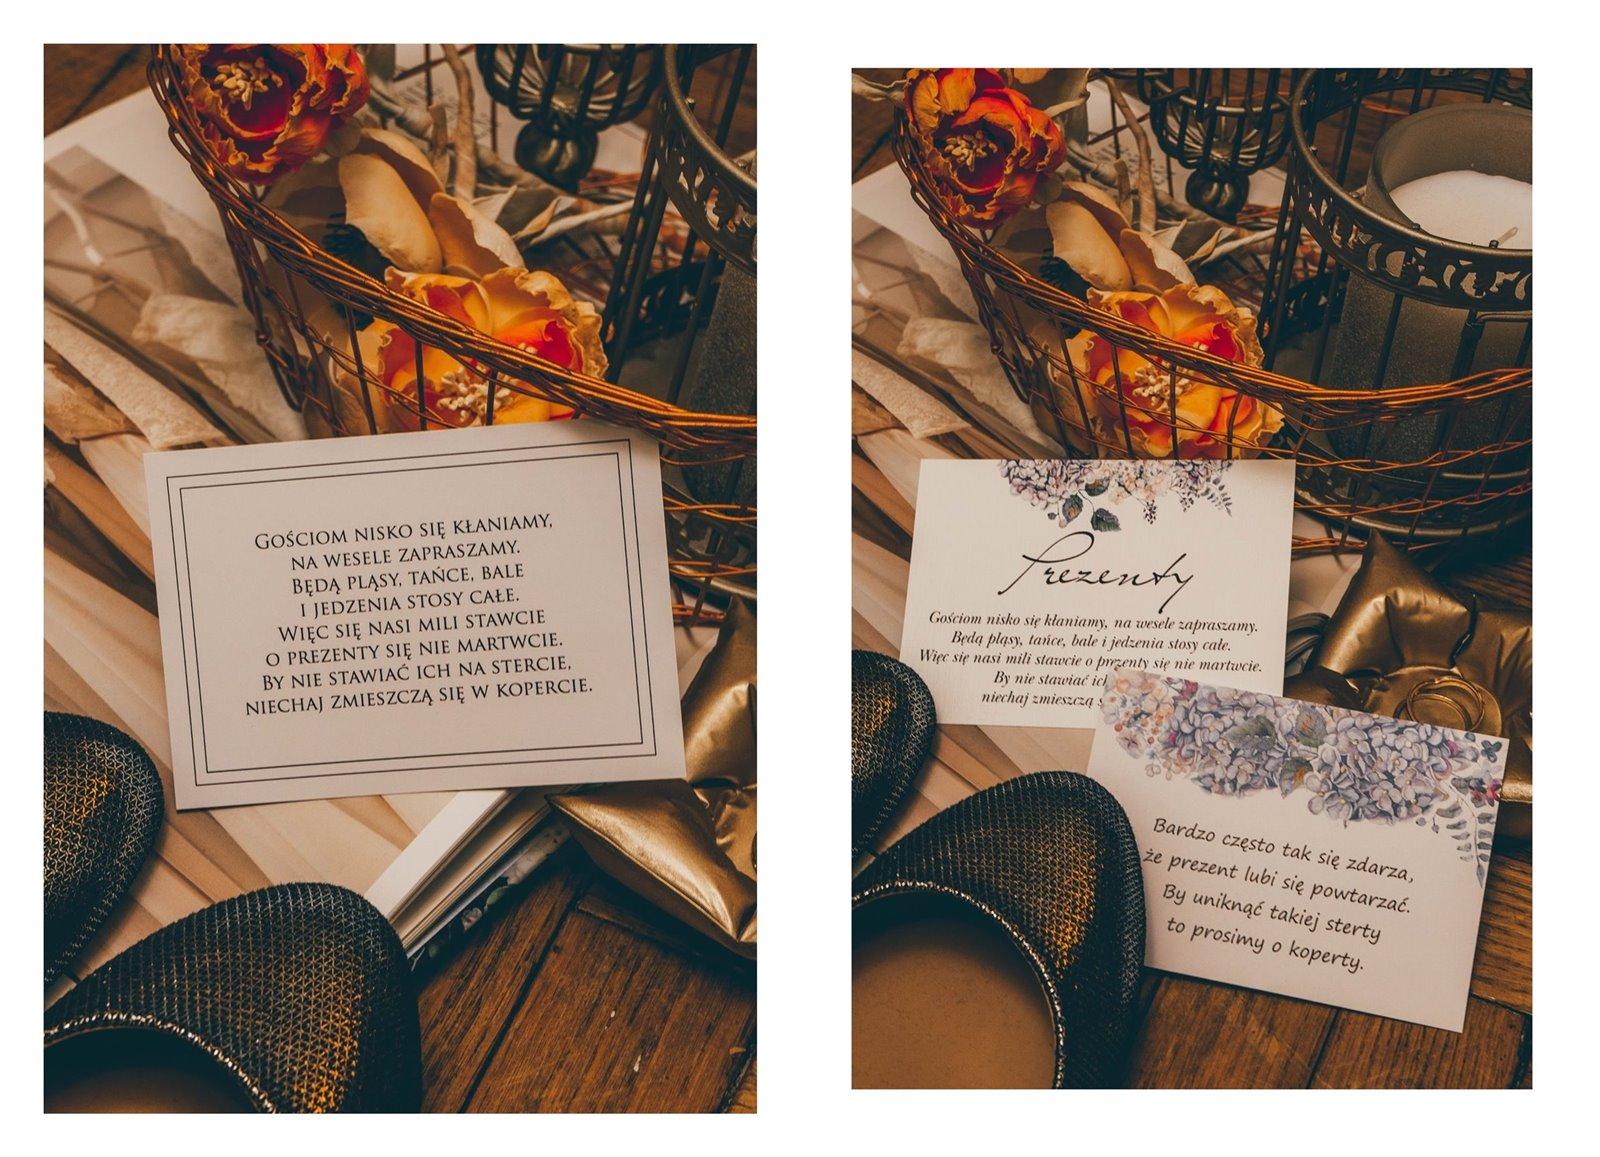 3 wierszyki prośba o pieniądze o książkę wino od gości weselnych, jak poprosić gości o pieniące ślub co zamiast kwiatów trendy w papeterii 2018 2019 2020 2021 2022 2023 2024 ślub porady wesele kolory jak dobrać motyw